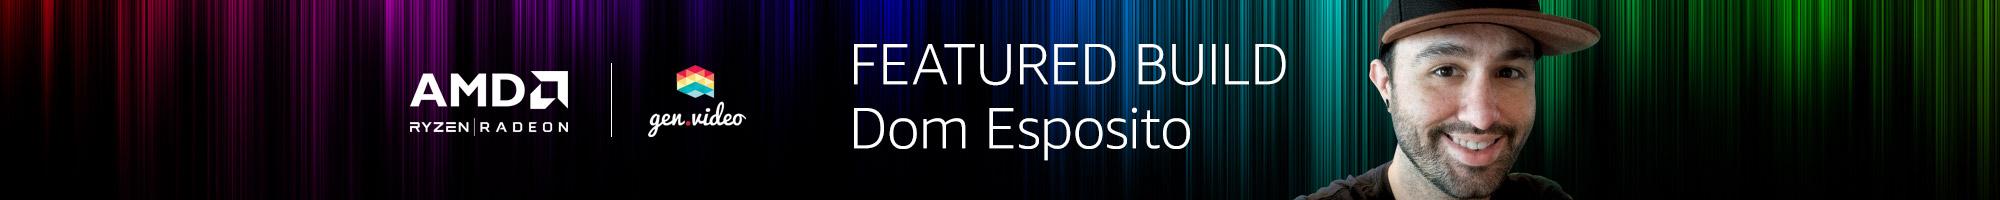 Featured Build: Dom Esposito